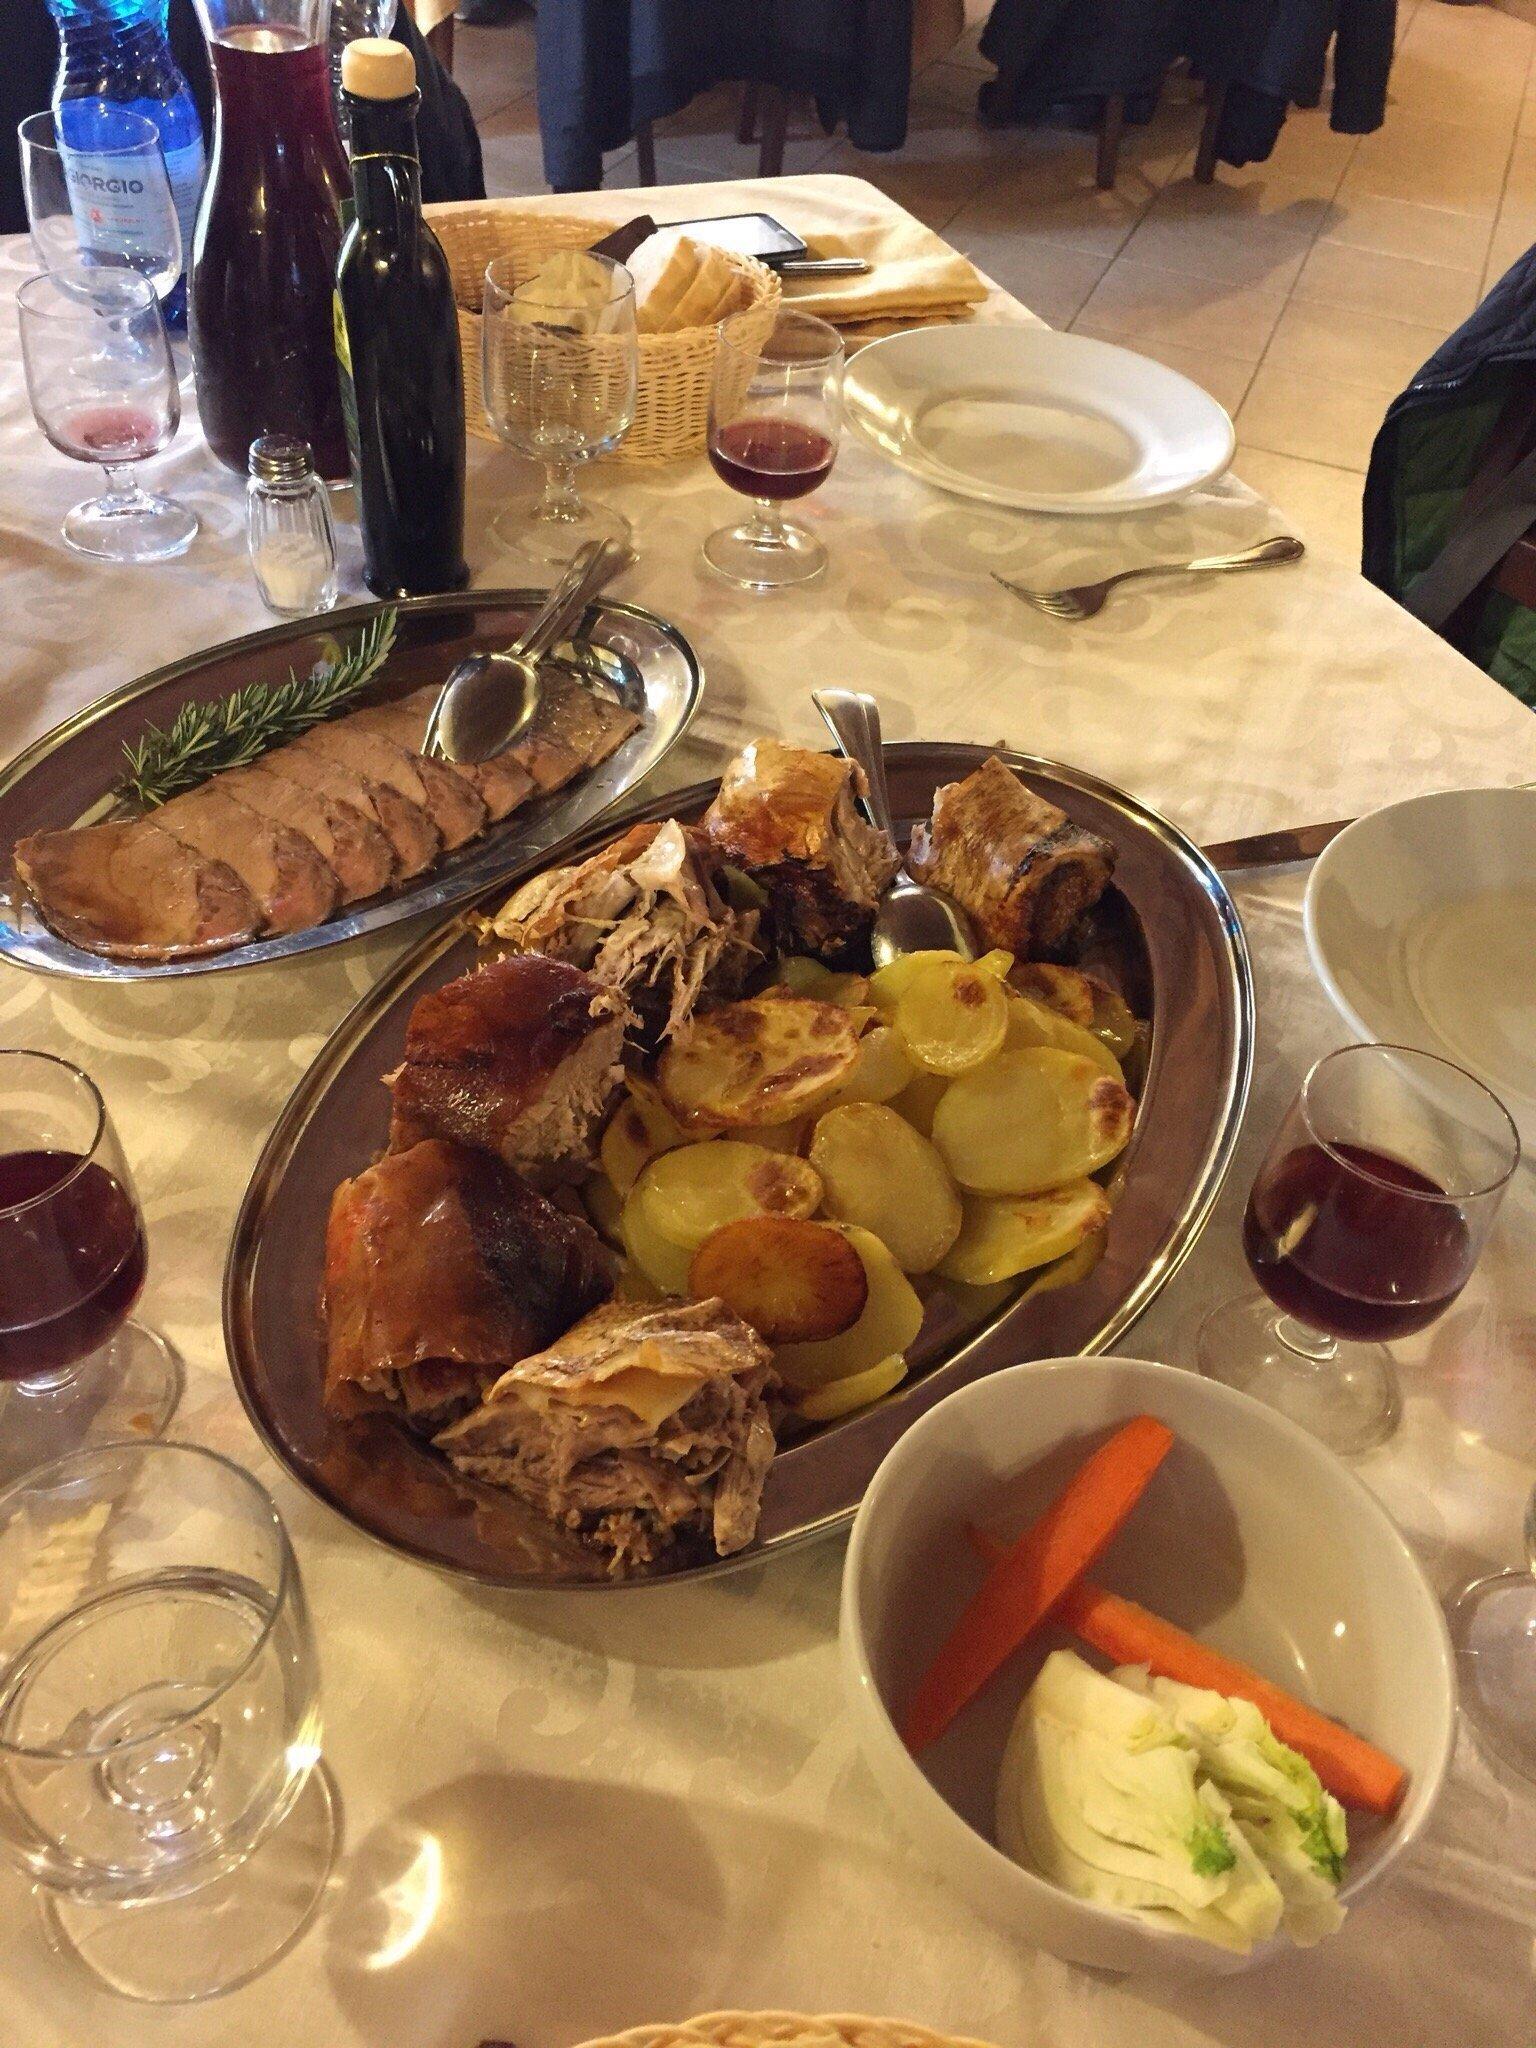 un tavolo con un vassoio con arrosto di carne e delle patate